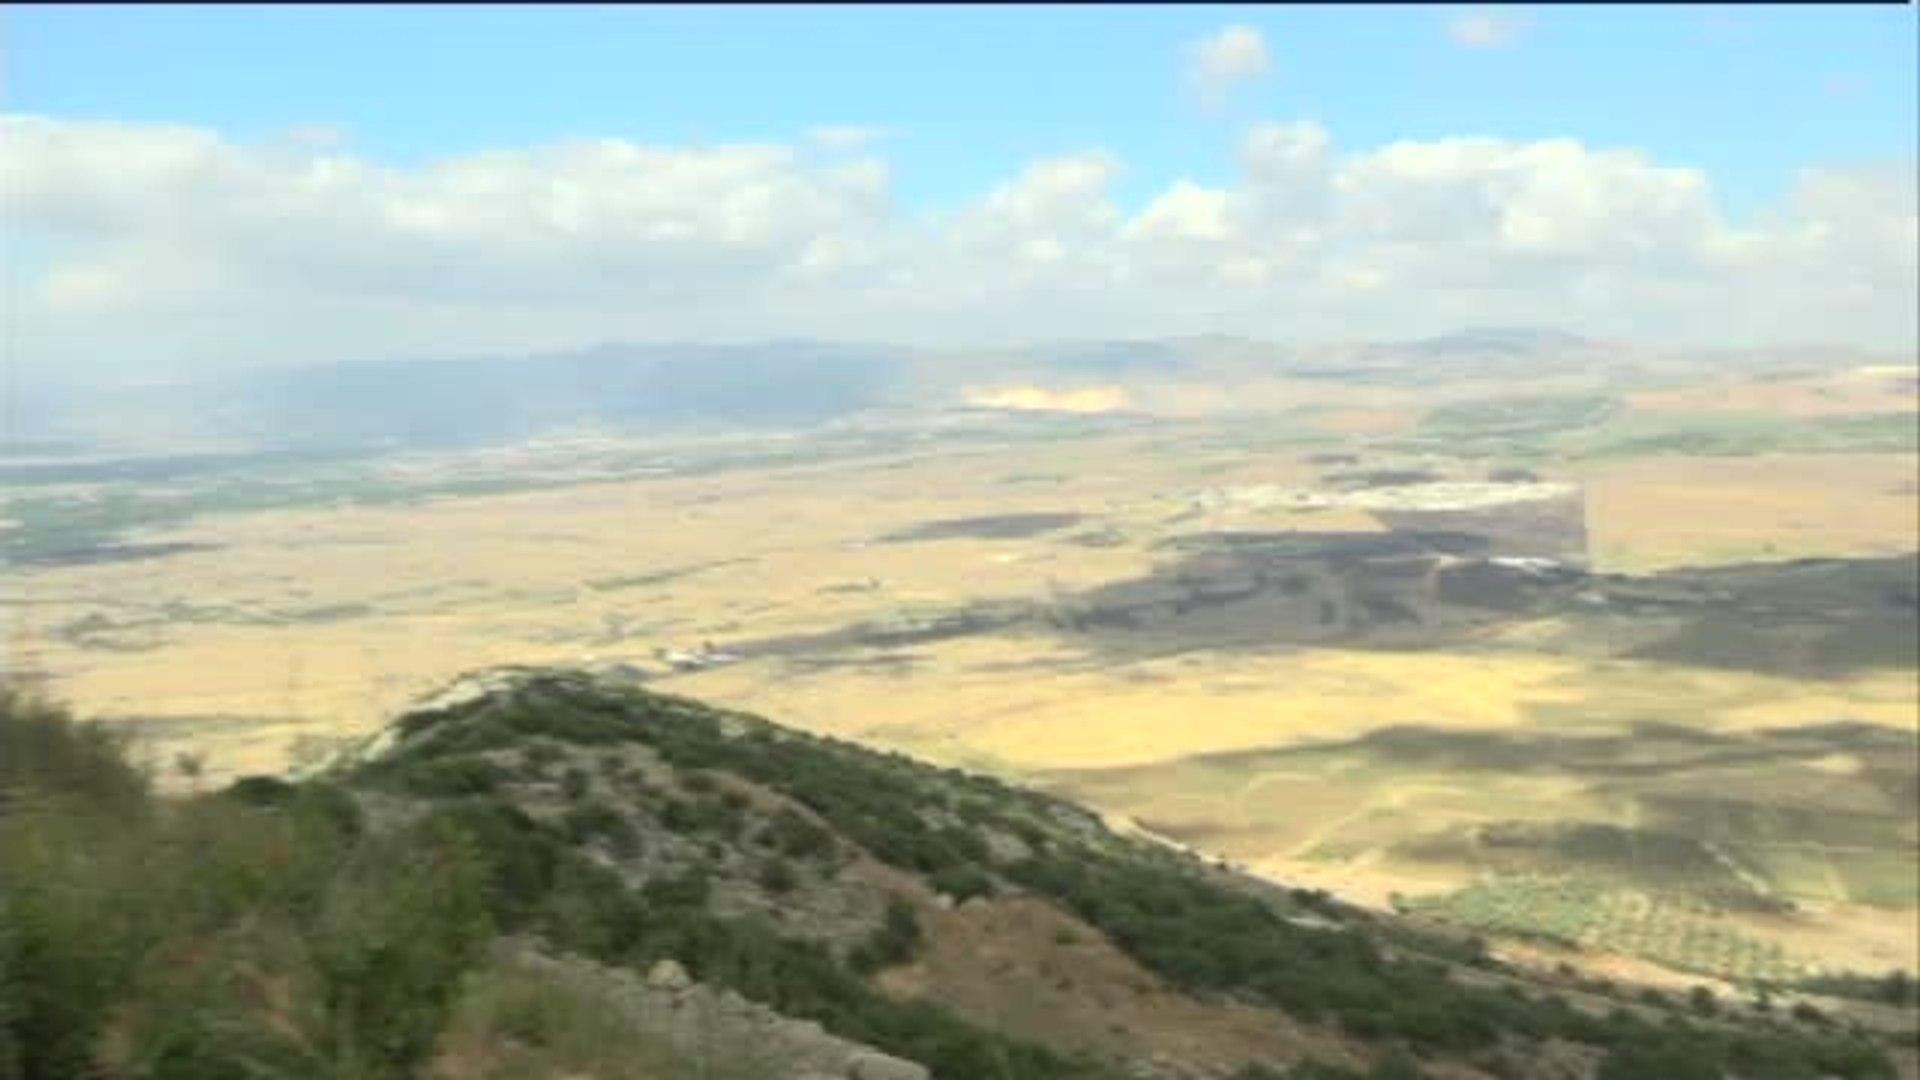 Margarita Robles visita, por primera vez como ministra, la misión de la ONU en el Líbano